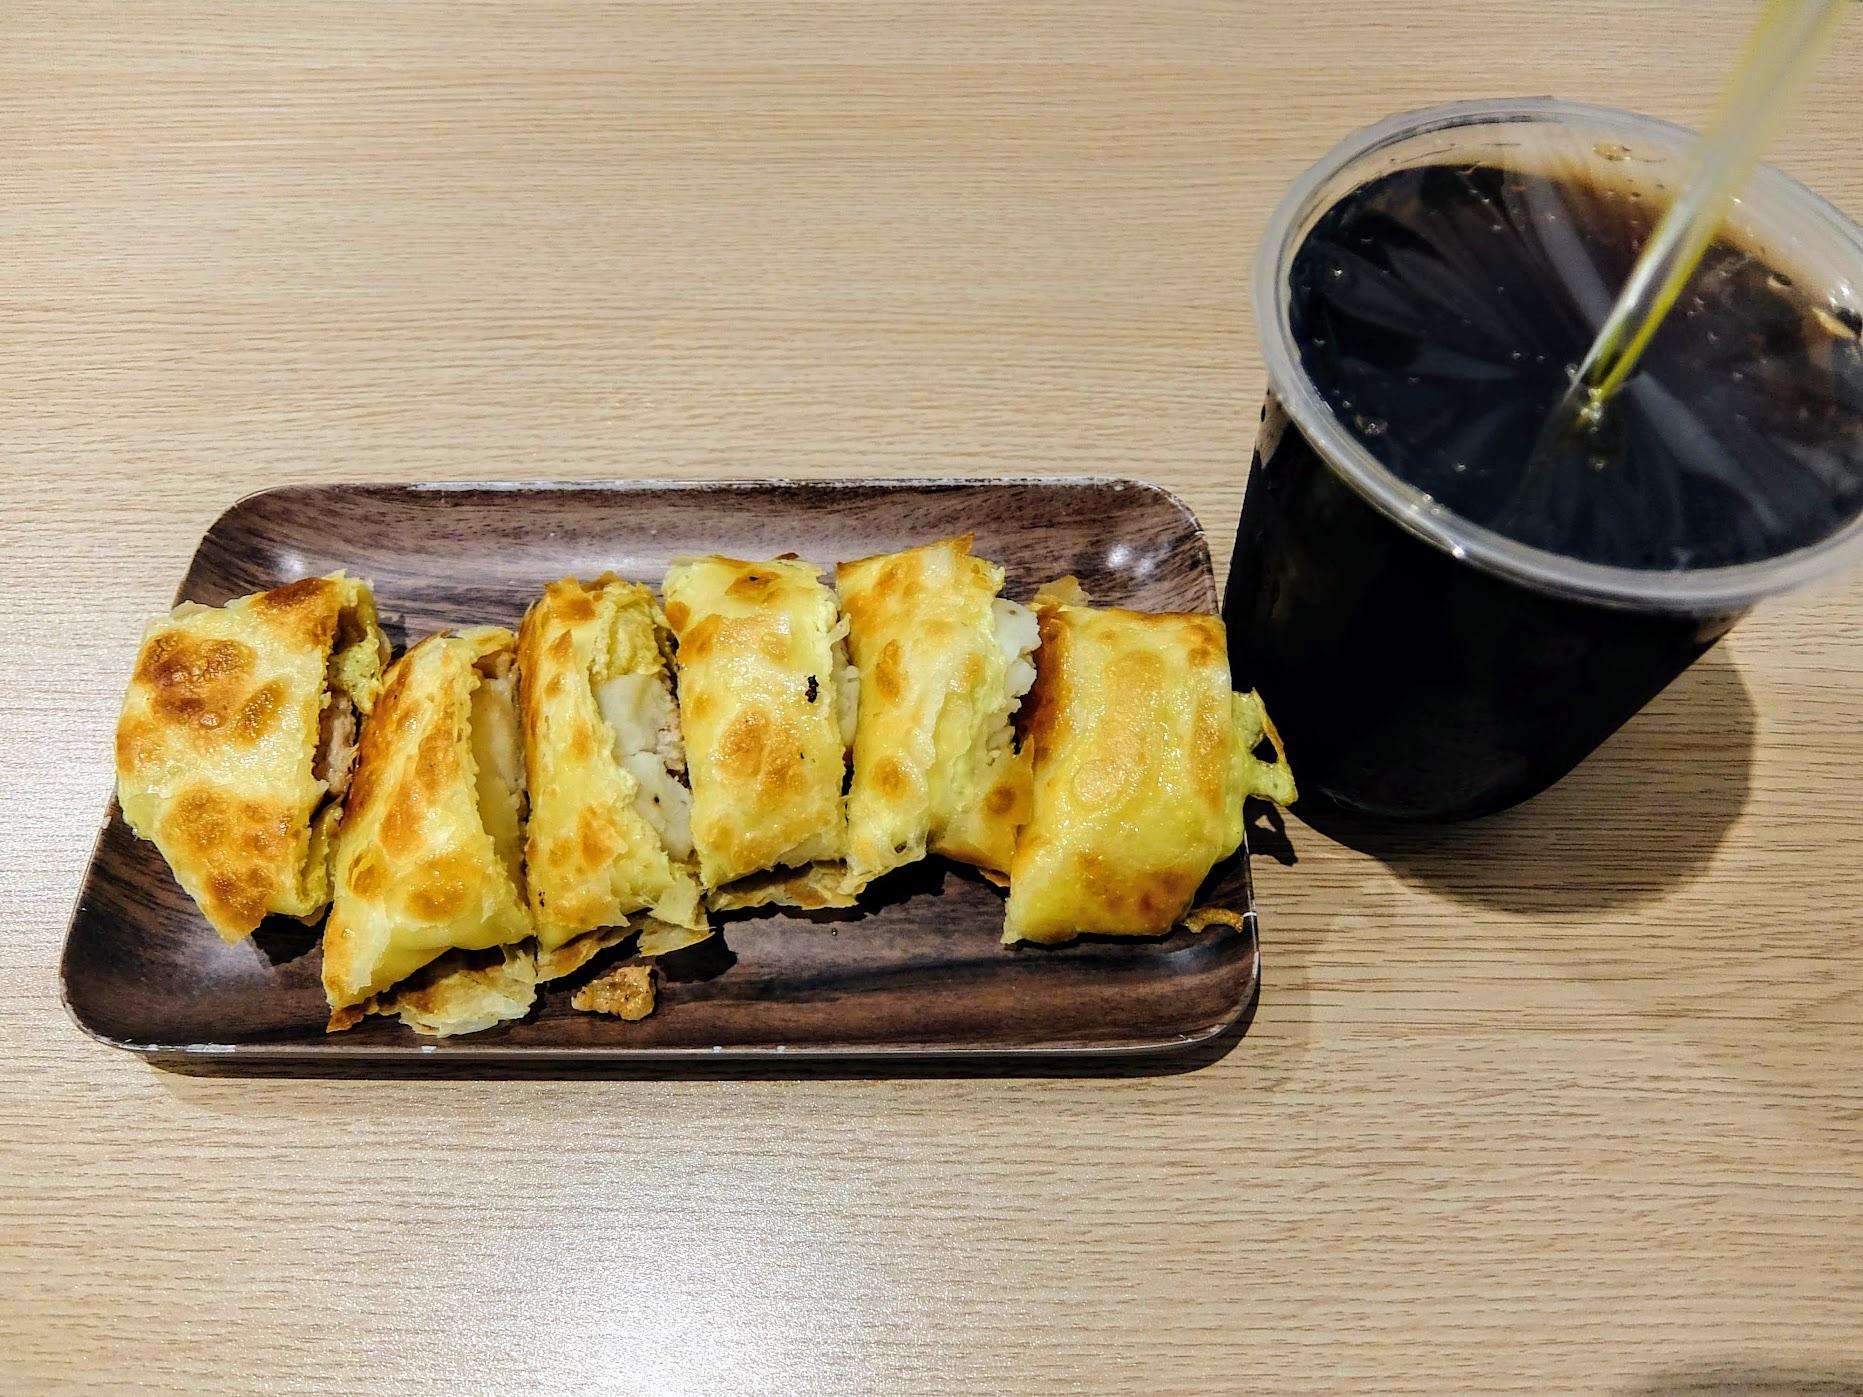 薯泥燒肉蛋餅! 搭上一杯溫紅茶,一天的早餐!